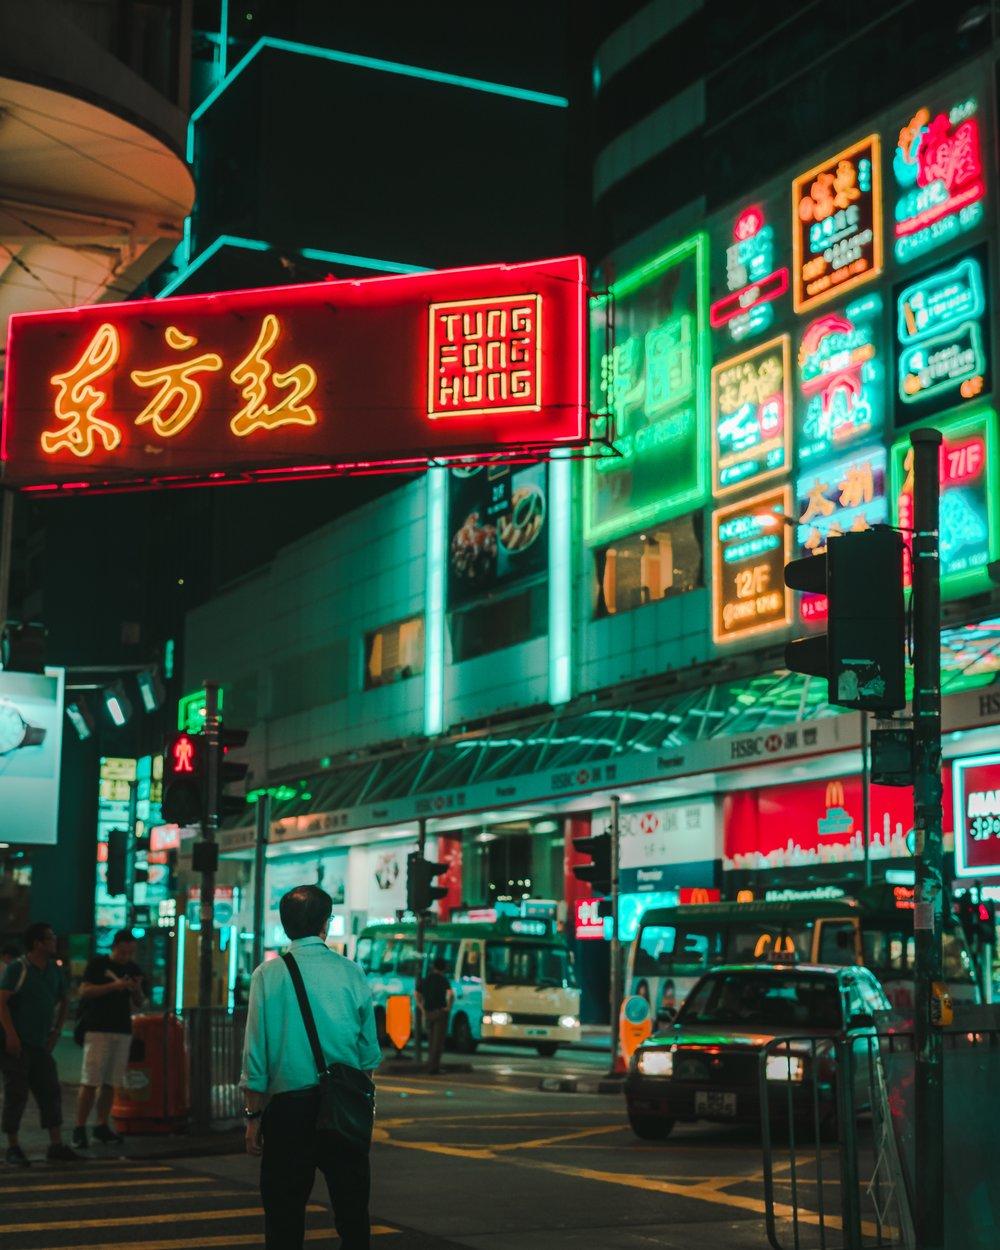 hong-kong-neon-signs.jpg